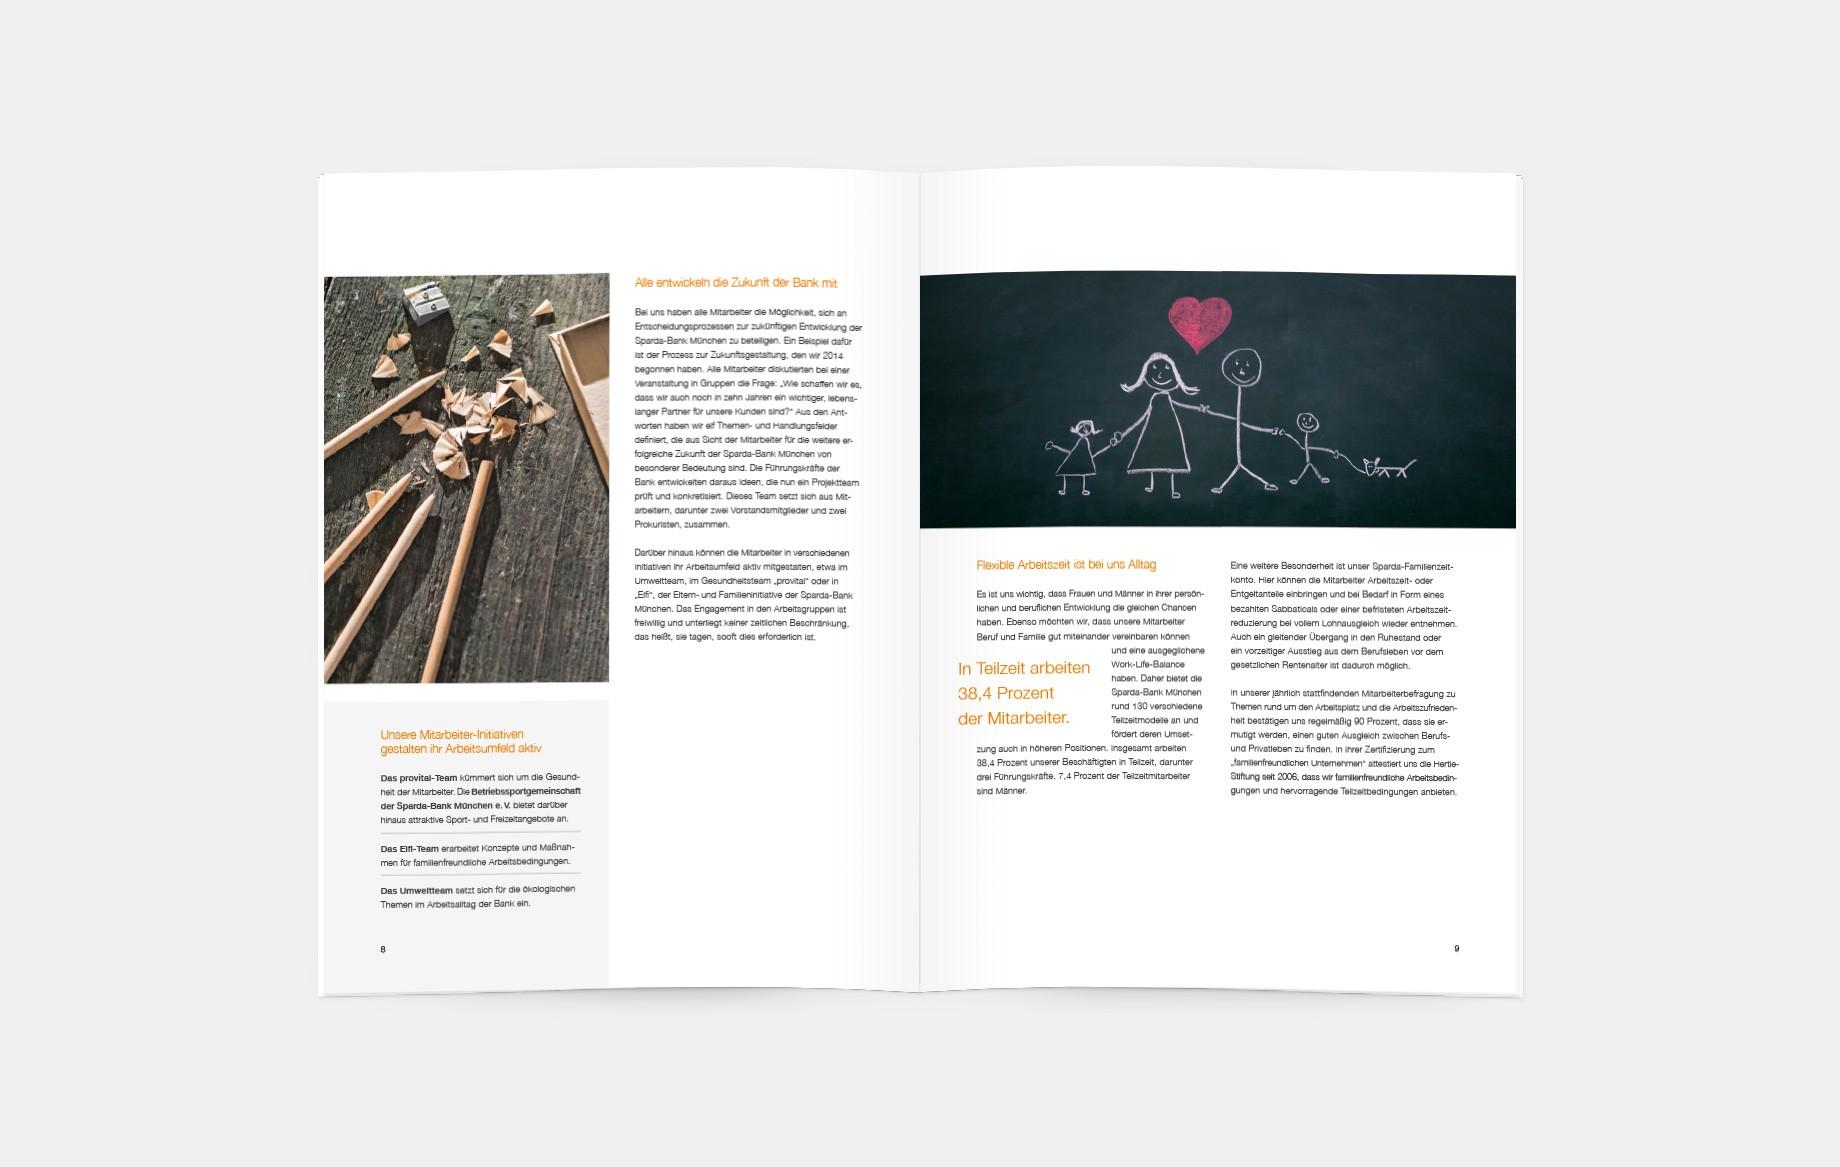 Ausgehend vom 122 Seiten starken Gemeinwohl-Bericht haben wir die wesentlichen Handlungsfelder definiert und in einer 24-seitigen Broschüre kompakt aufbereitet. Verbunden mit dem hohen Bildanteil entsteht eine informative und doch kurzweilige Lektüre, die dazu einlädt, sich mit dem Wirtschaftsmodell der Gemeinwohl-Ökonomie näher auseinanderzusetzen.